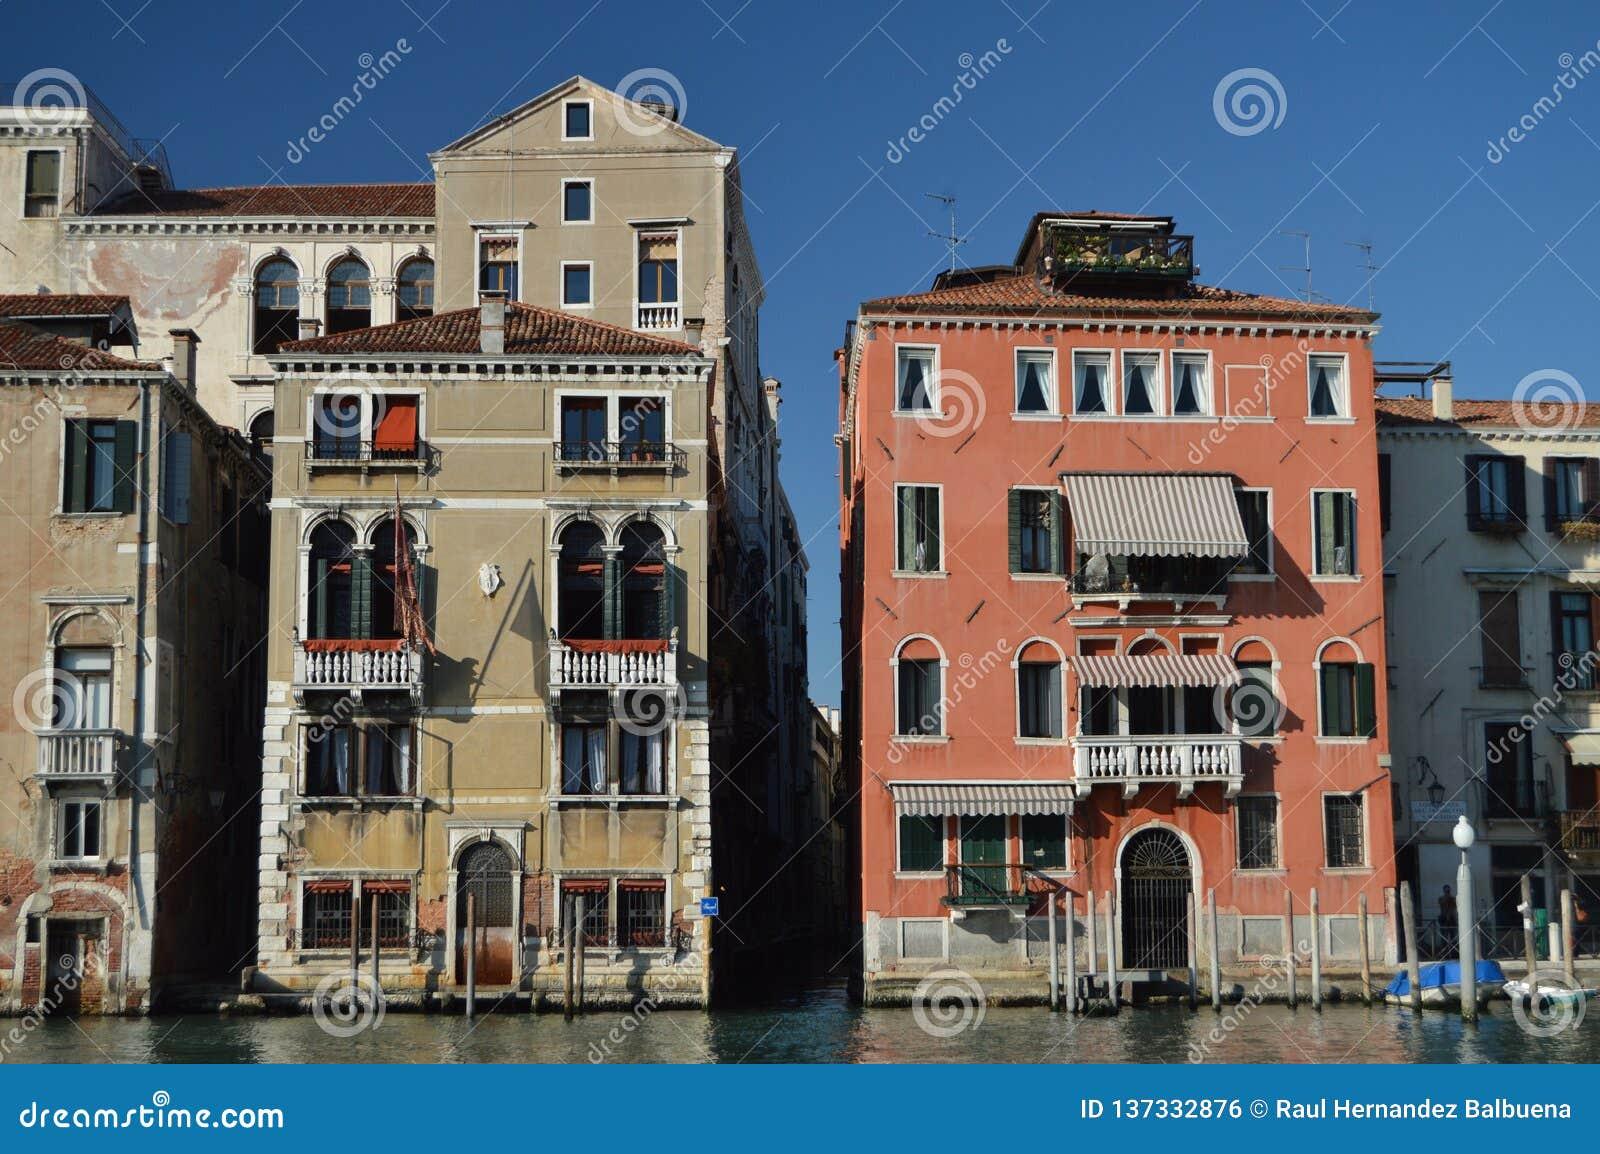 Θαυμάσια φωτογραφία στο ηλιοβασίλεμα του μεγάλου καναλιού με τα γραφικά και ζωηρόχρωμα κτήριά του στη Βενετία Ταξίδι, διακοπές, α